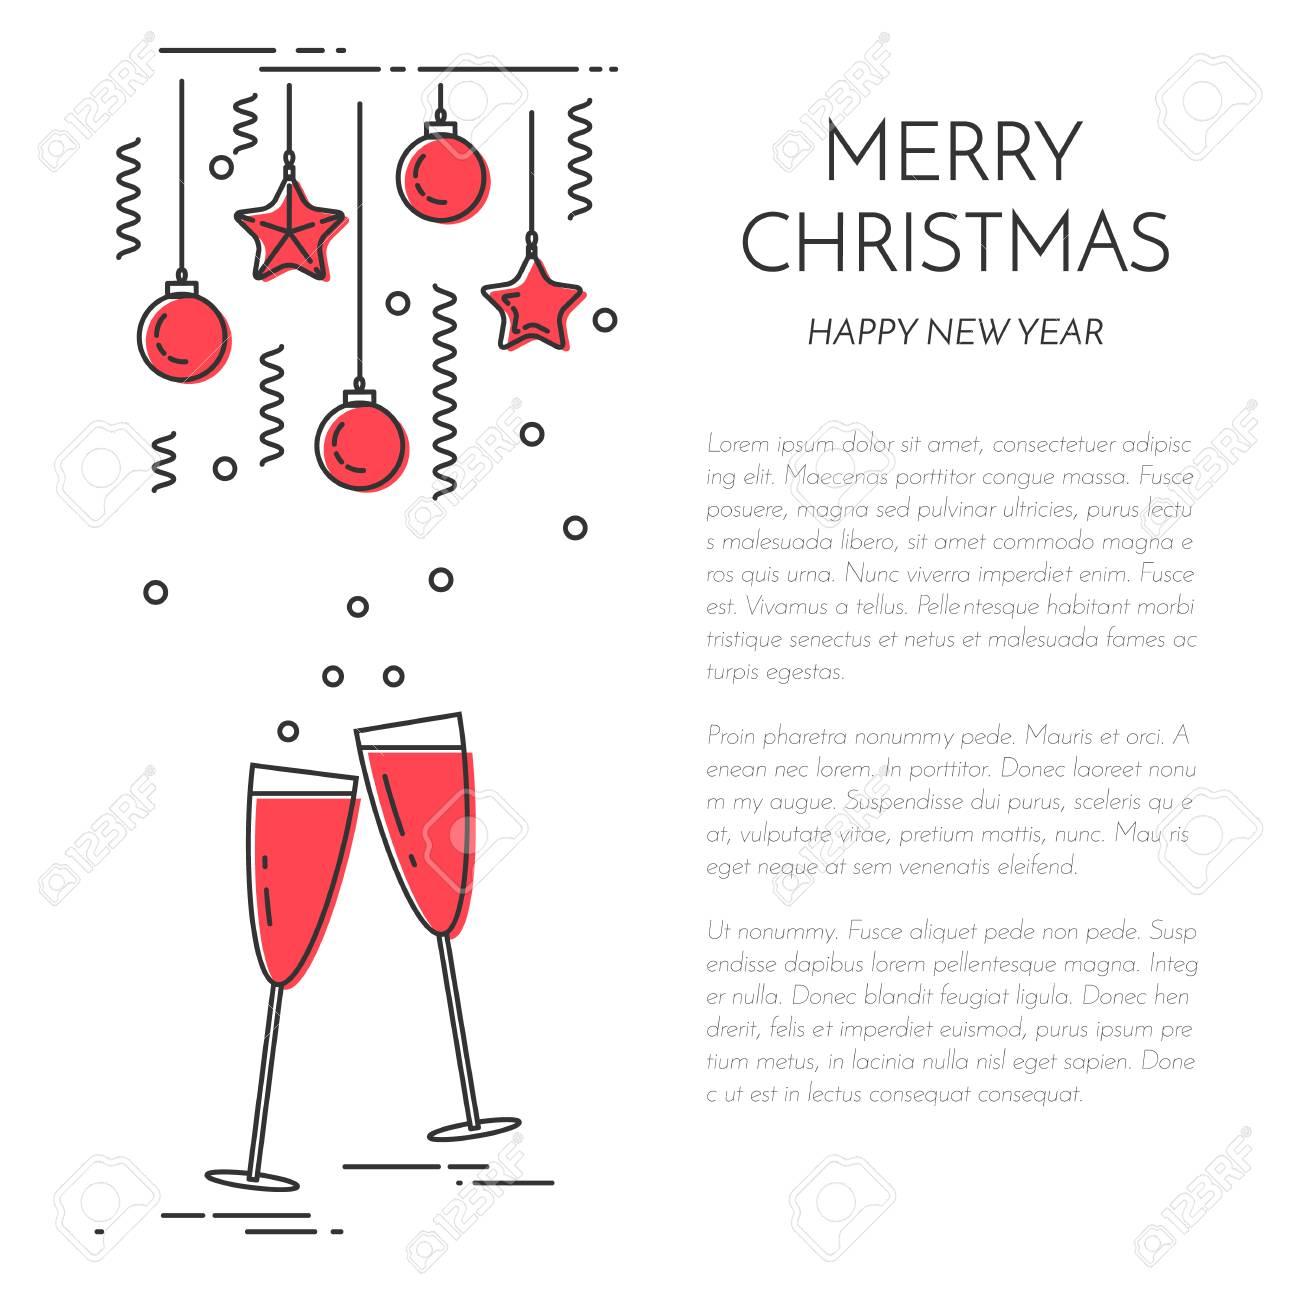 66069818 Bannire Verticale De Nol Avec Du Champagne Cadeau Dessin Au Trait Plat Illustration Vectorielle Concep